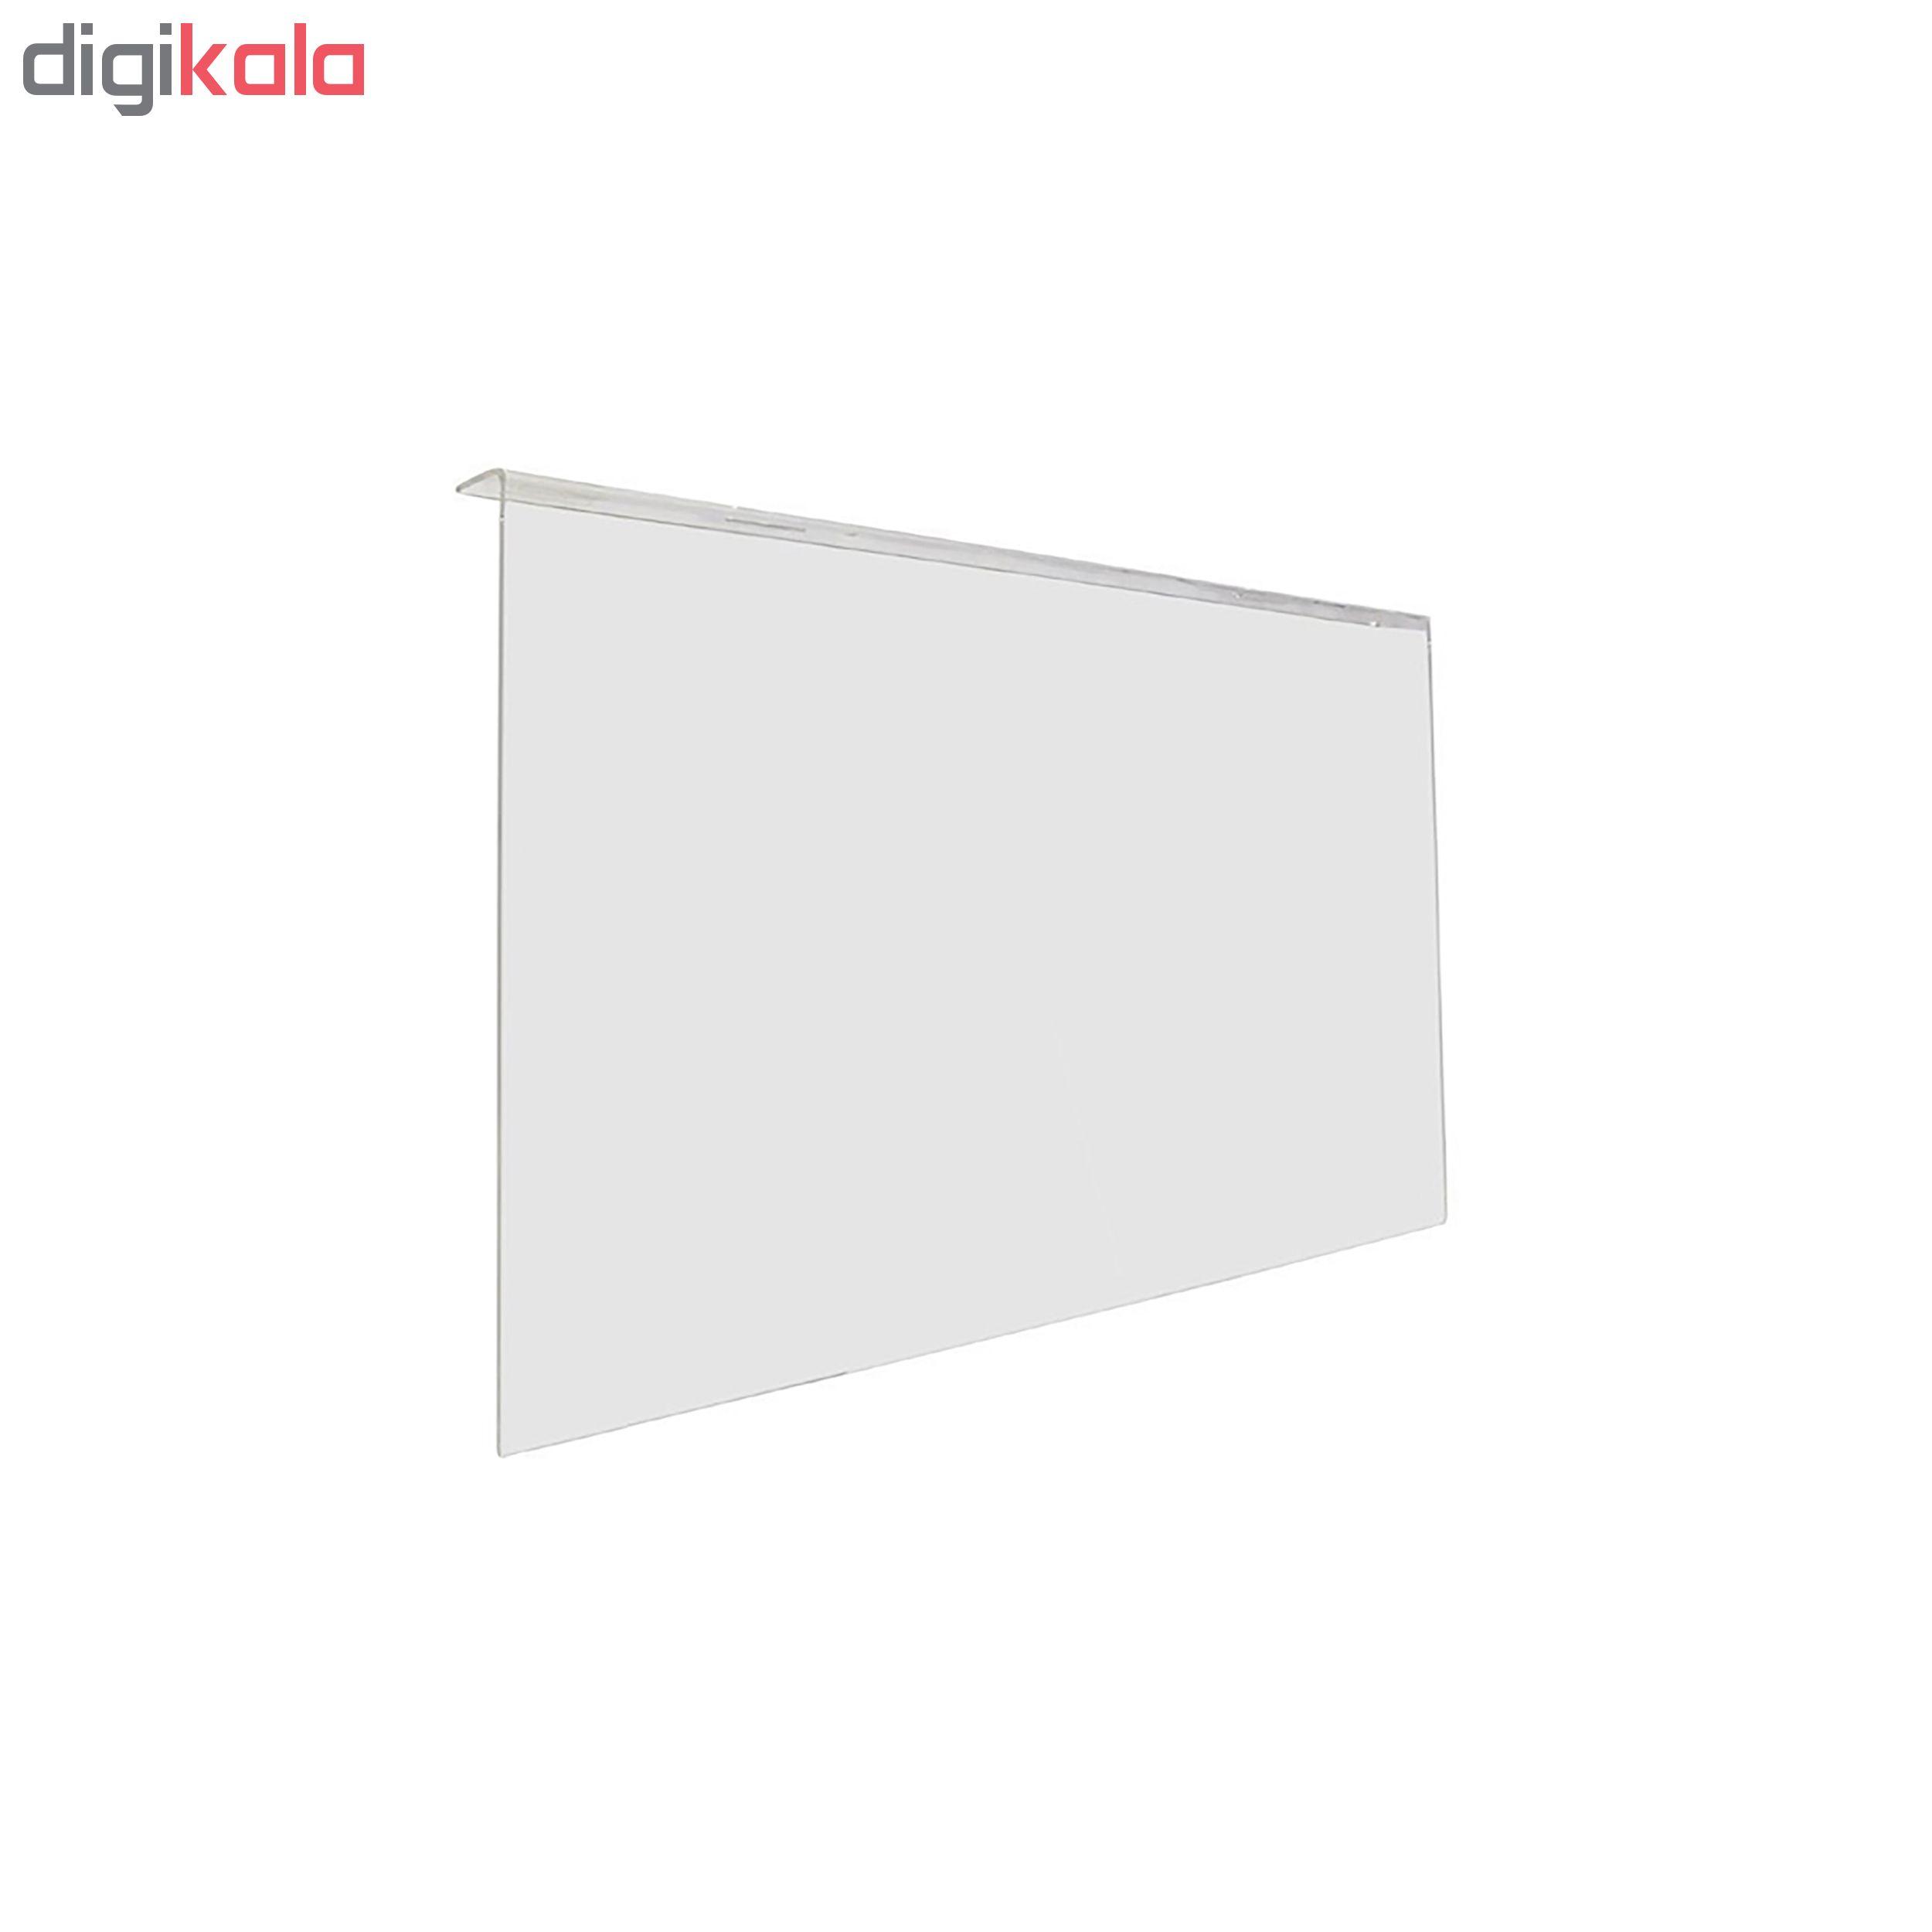 خرید اینترنتی محافظ صفحه تلویزیون کاردو مدل C47 مناسب برای تلویزیون 47 اینچ اورجینال